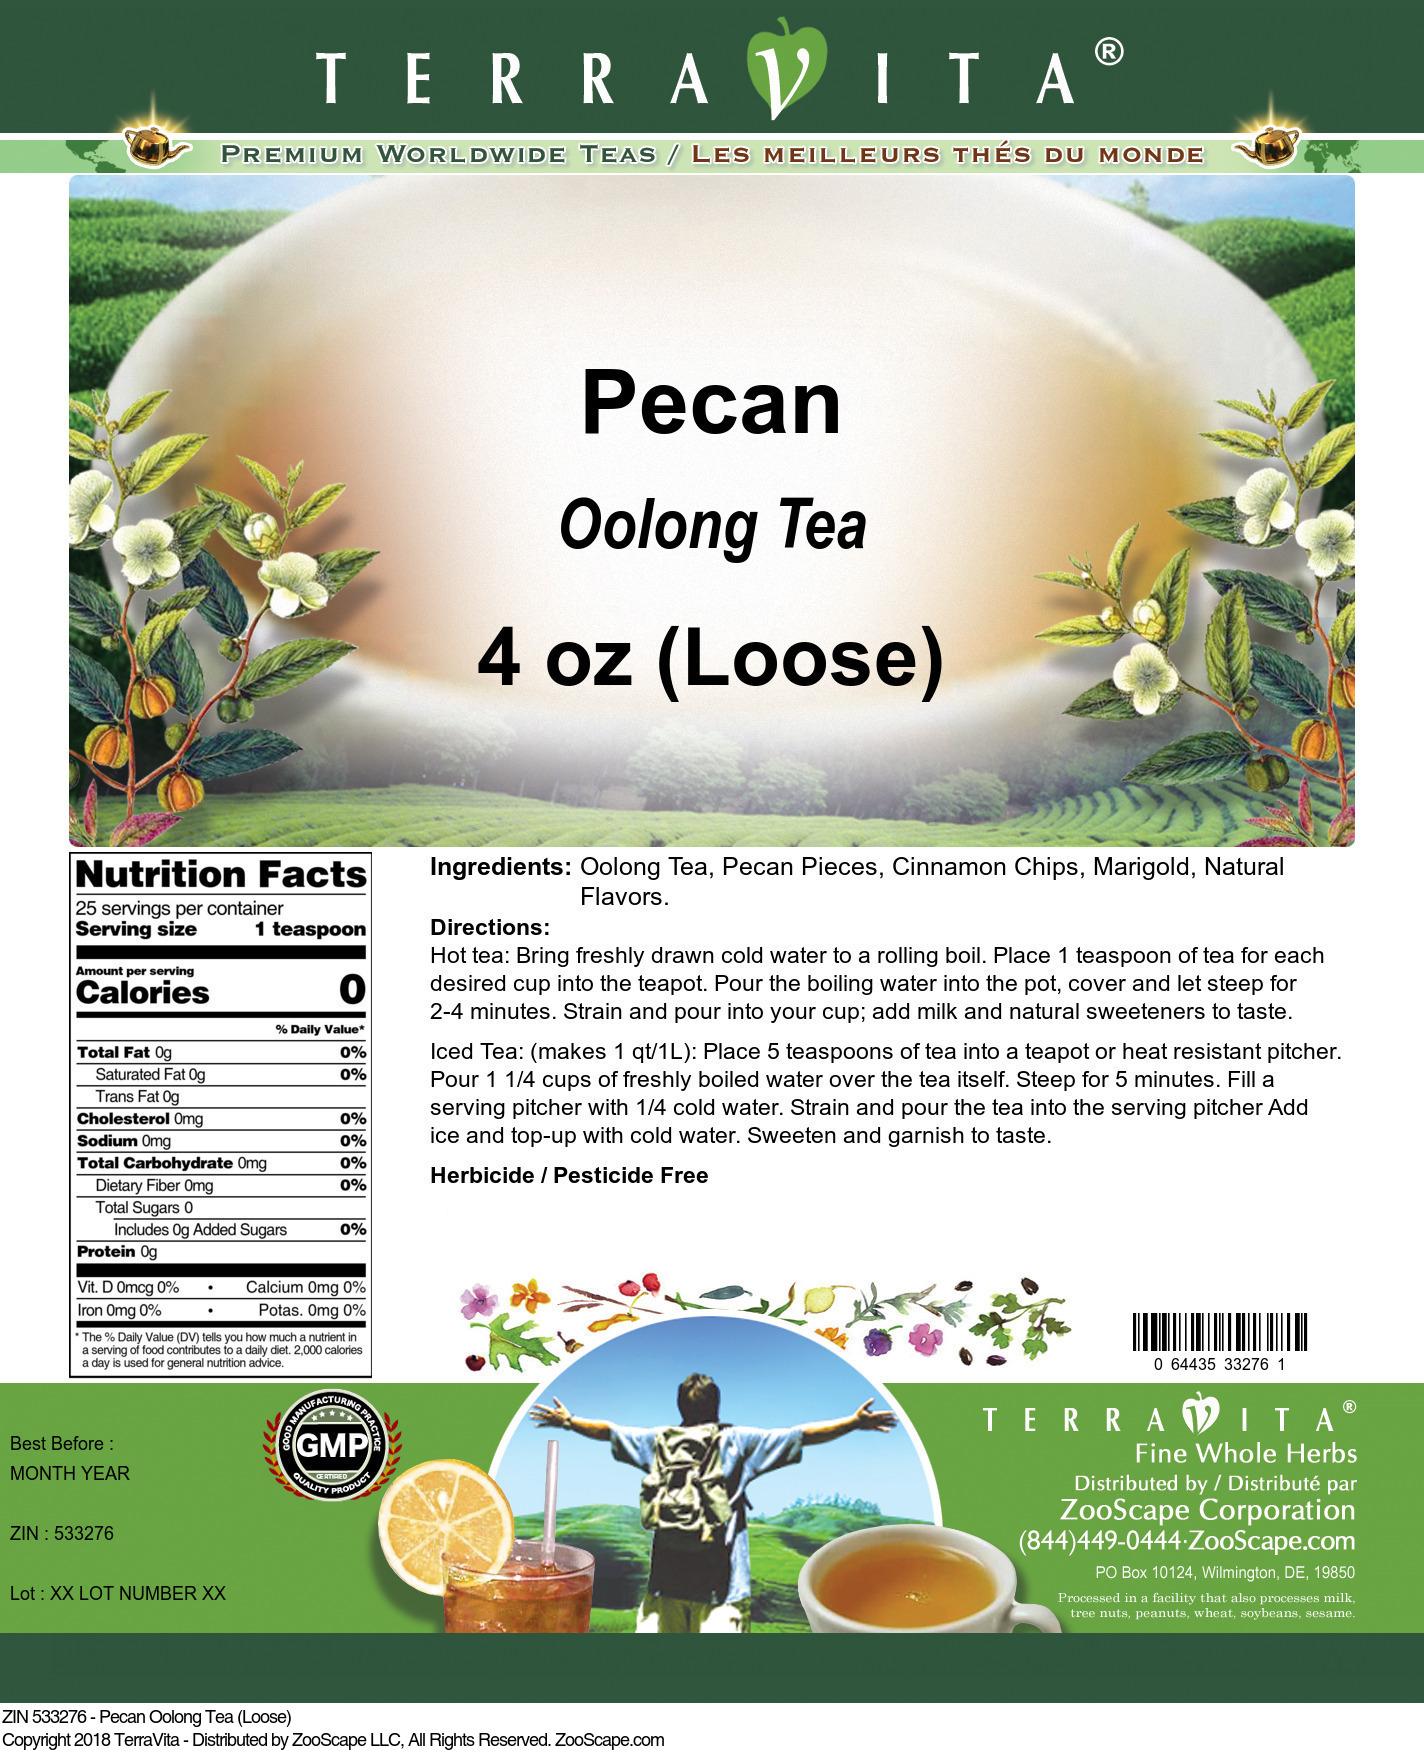 Pecan Oolong Tea